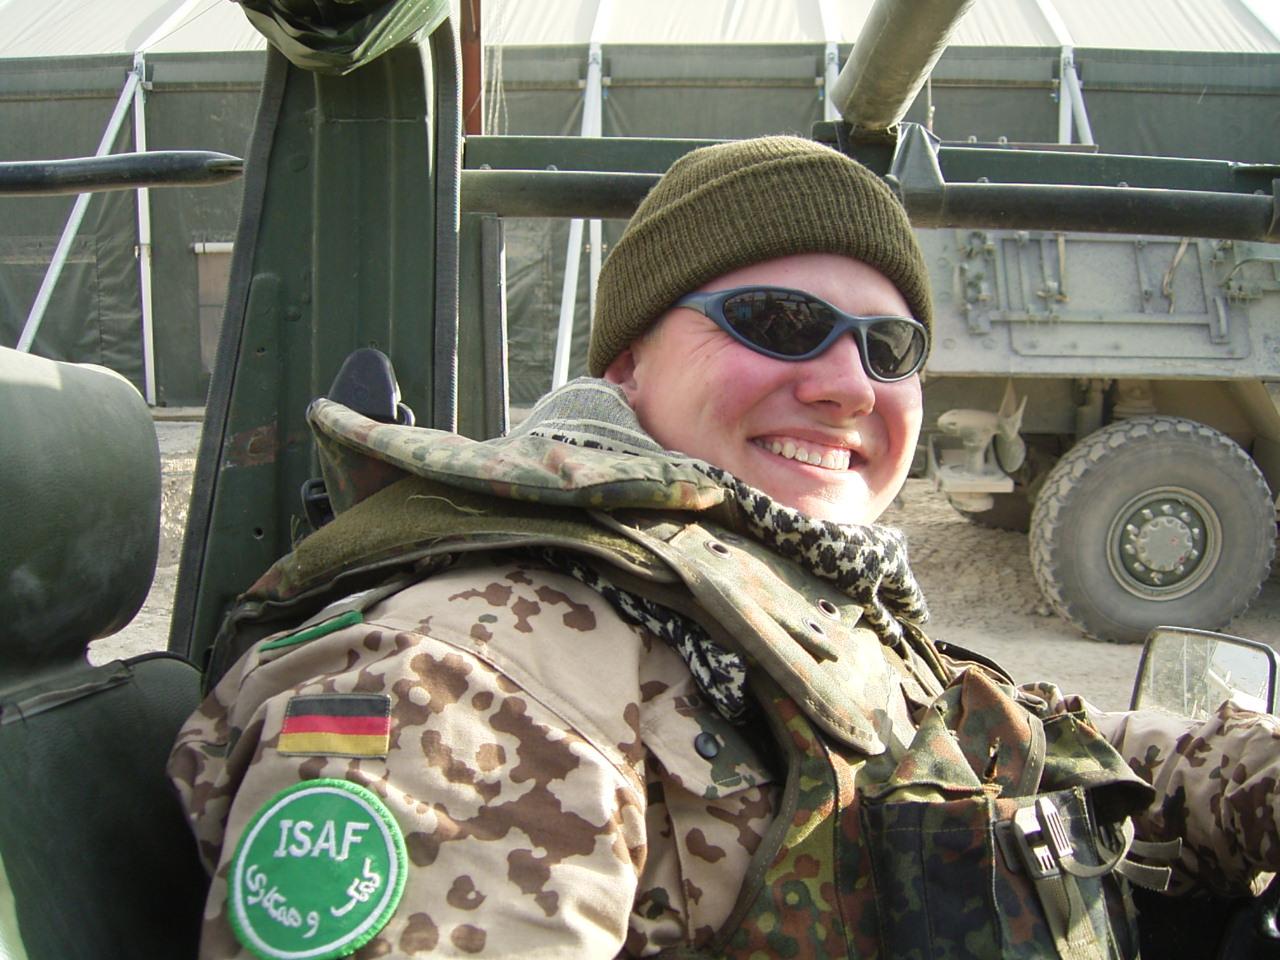 Patrick in Afghanistan